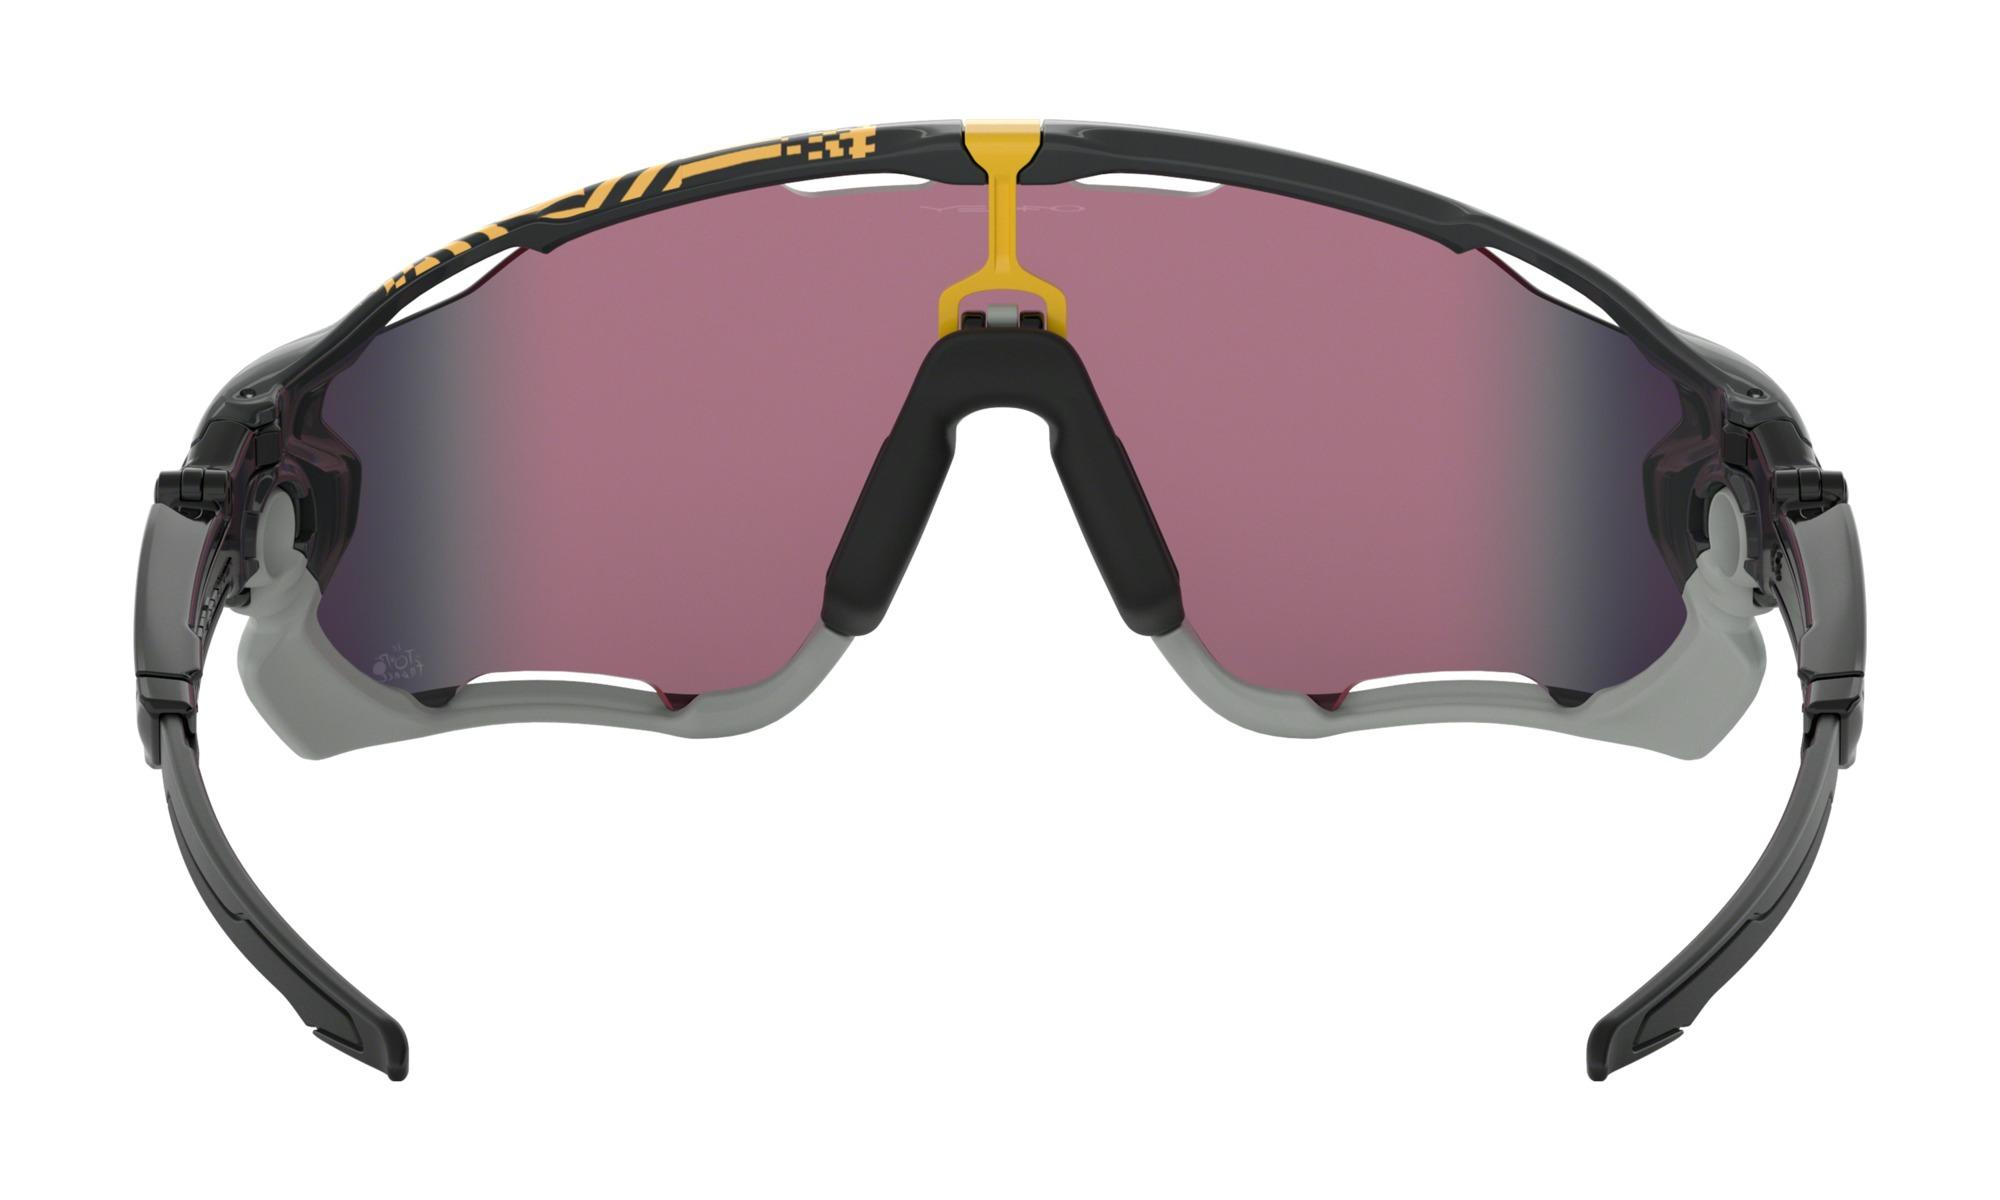 c371407e58 Home · Eyewear · Oakley · JAWBREAKER  JAWBREAKER TOUR DE FRANCE EDITION  CARBON  PRIZM ROAD. 🔍. R 2